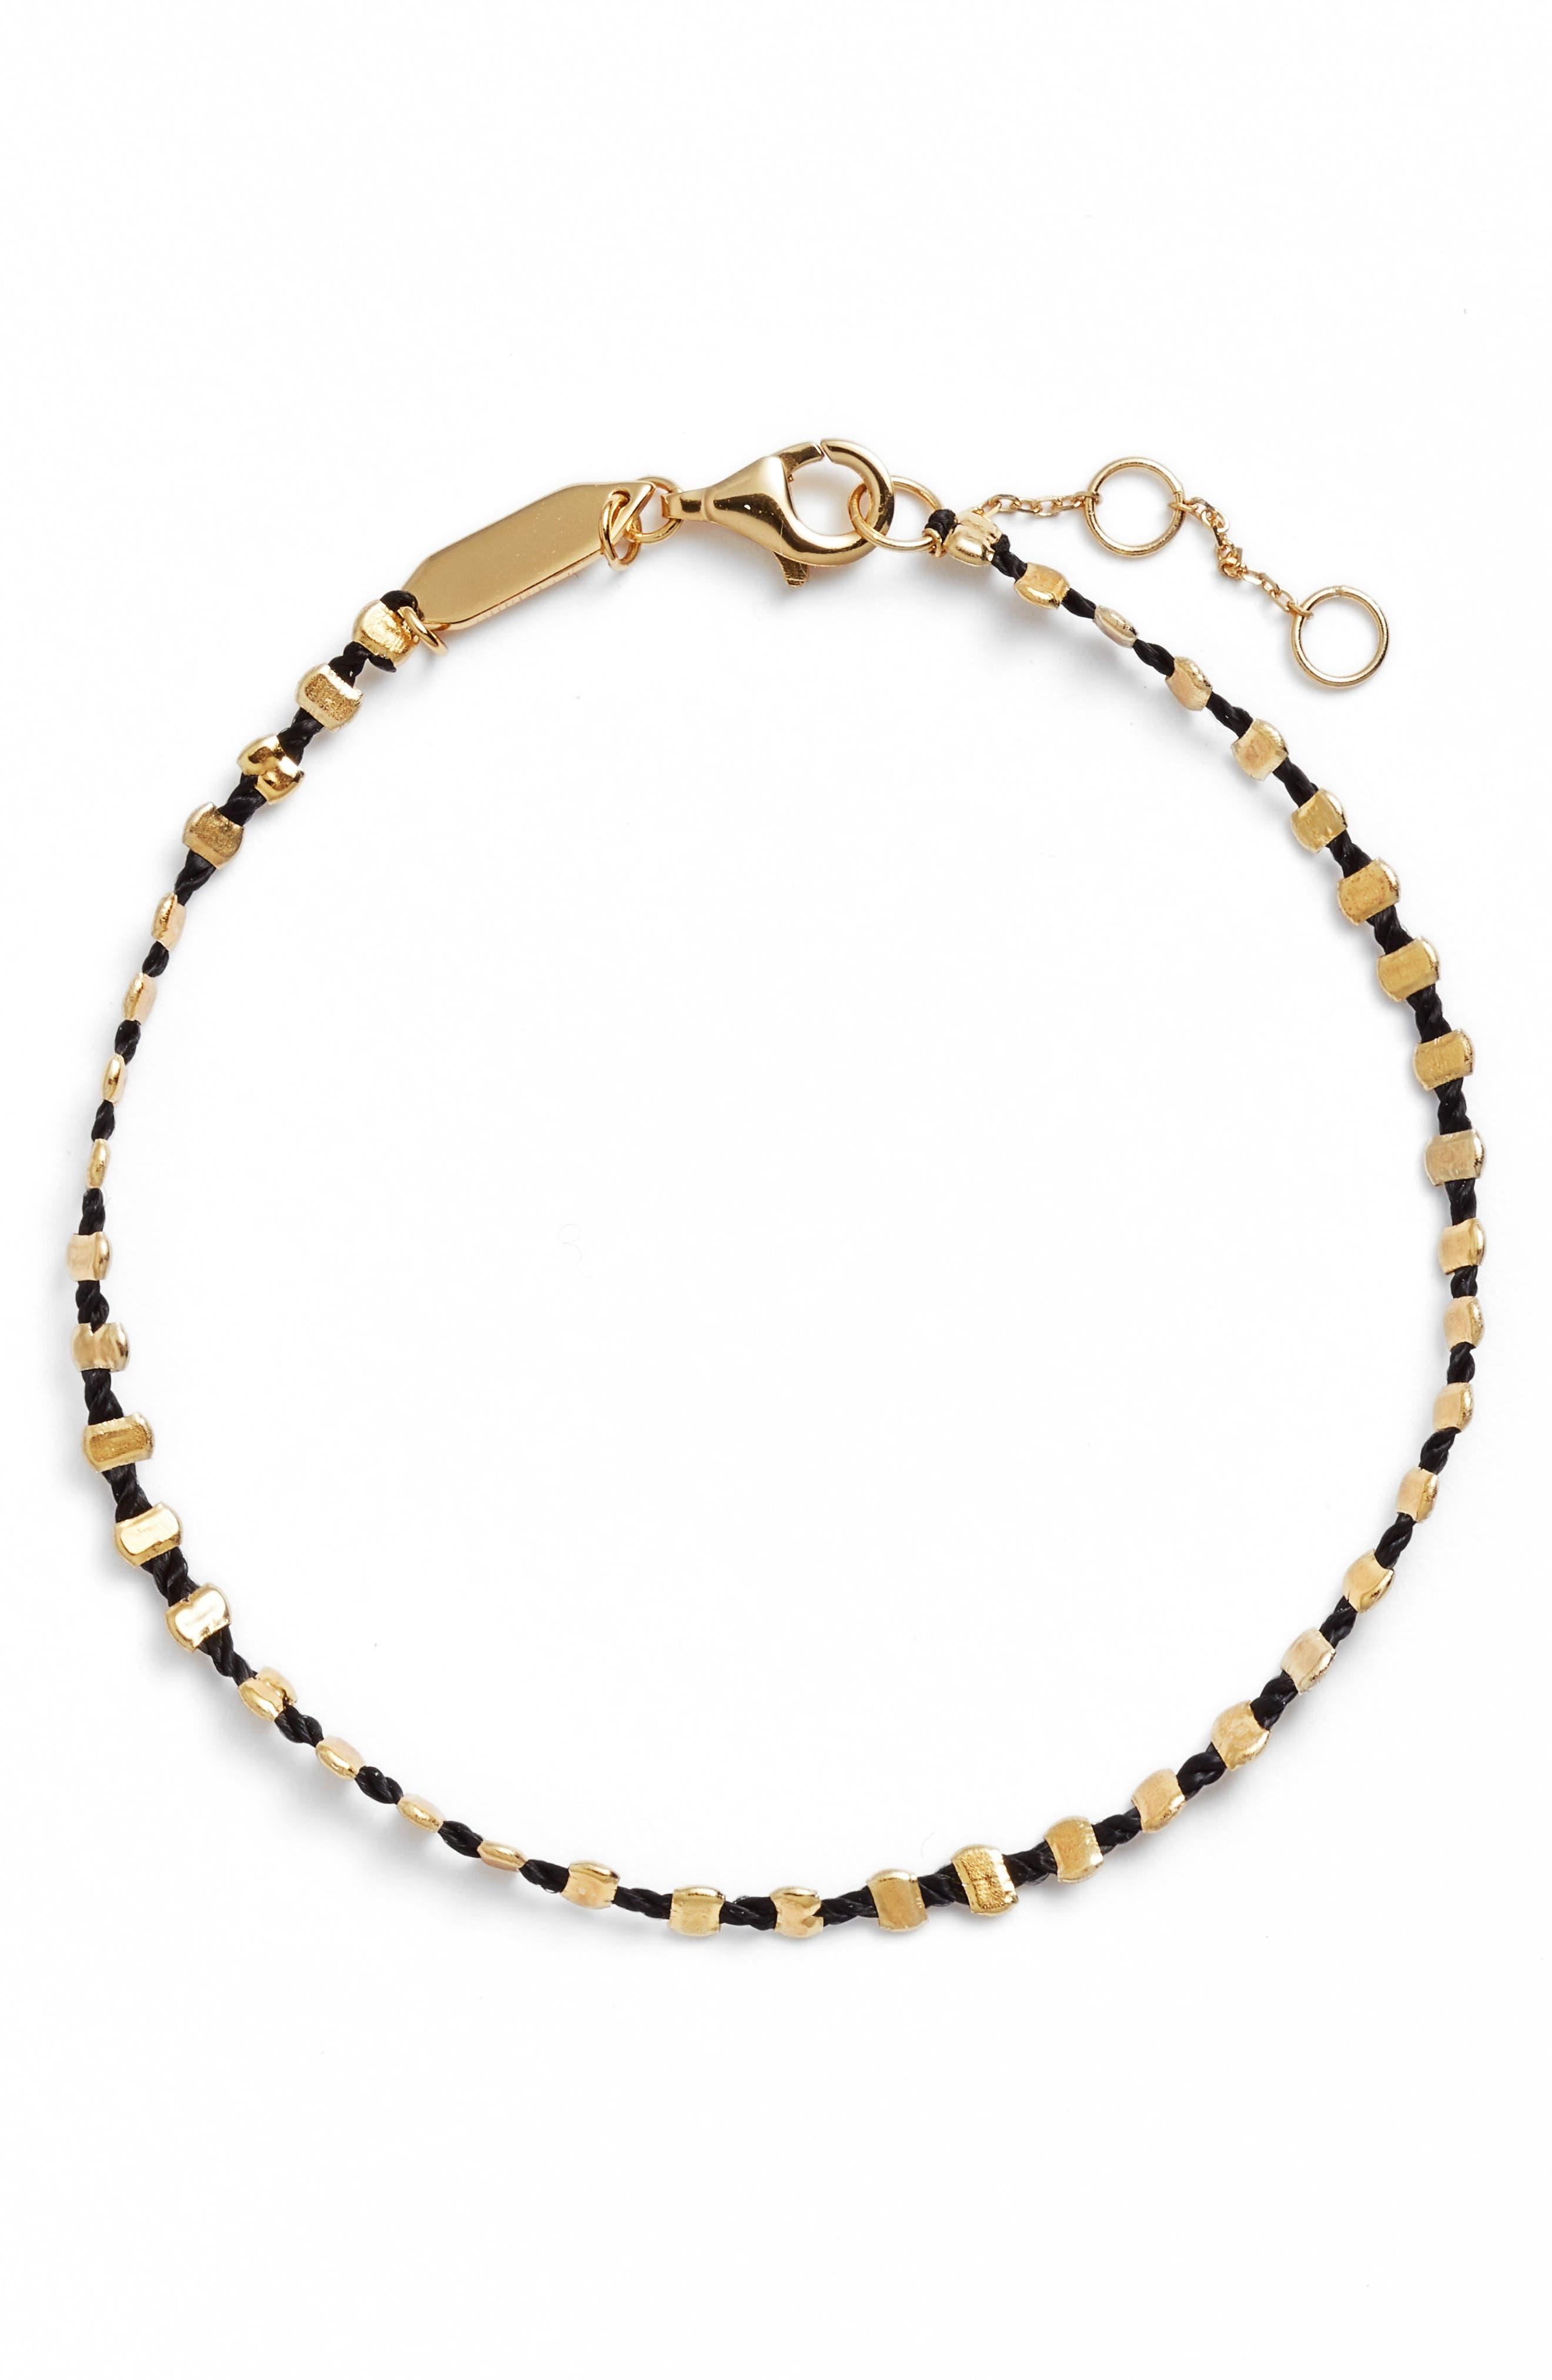 Sydney Vermeil Studded Black Band Bracelet,                         Main,                         color, Gold